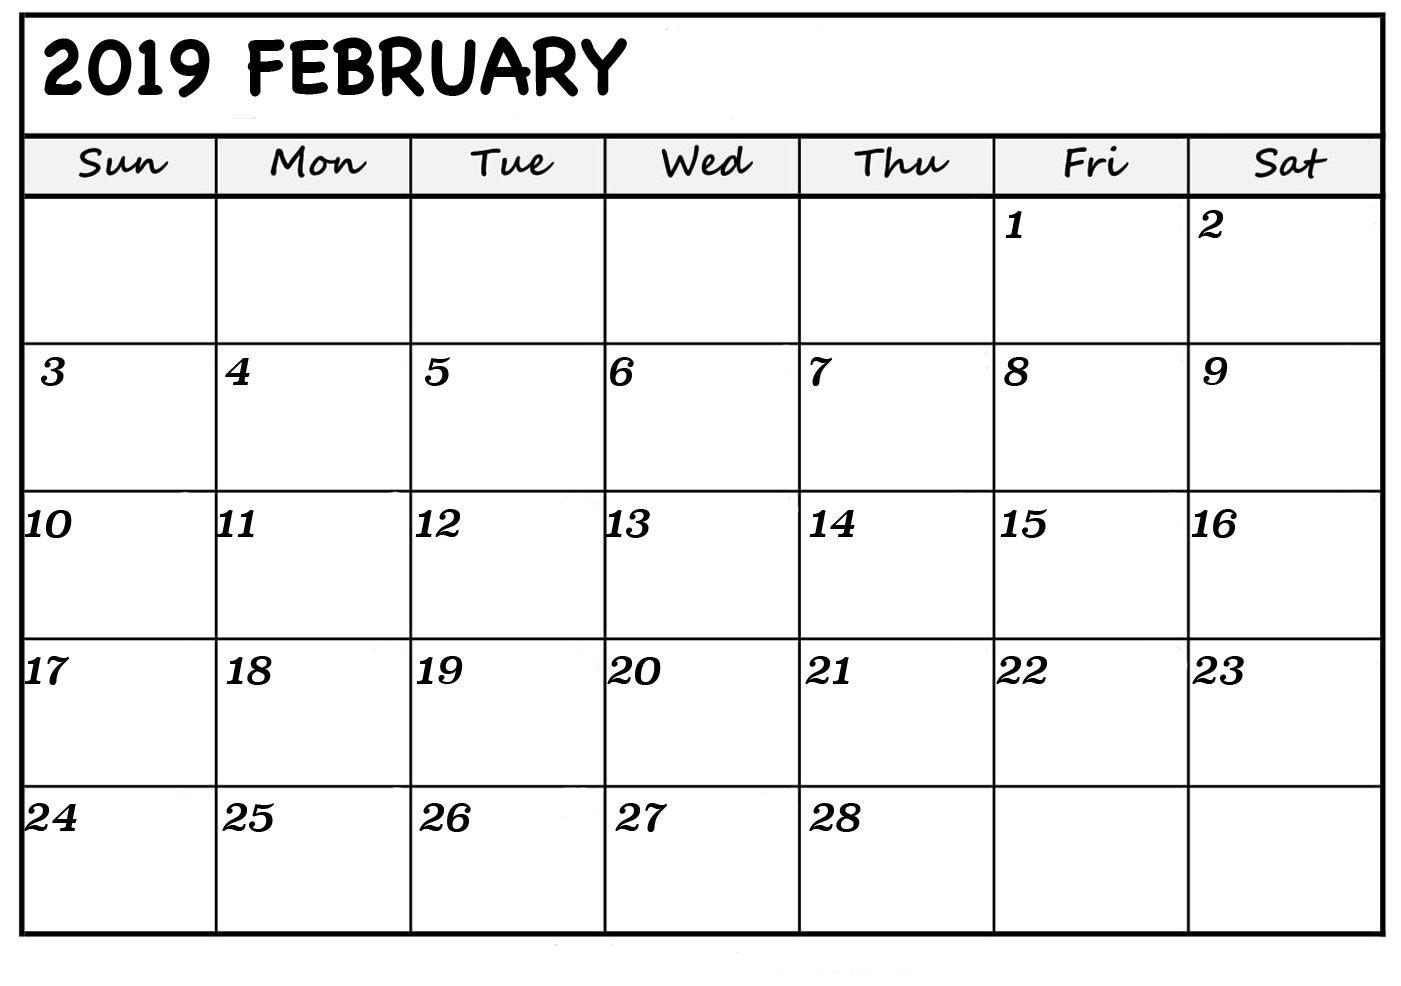 February 2019 Calendar Excel Free February 2019 Calendar Printable